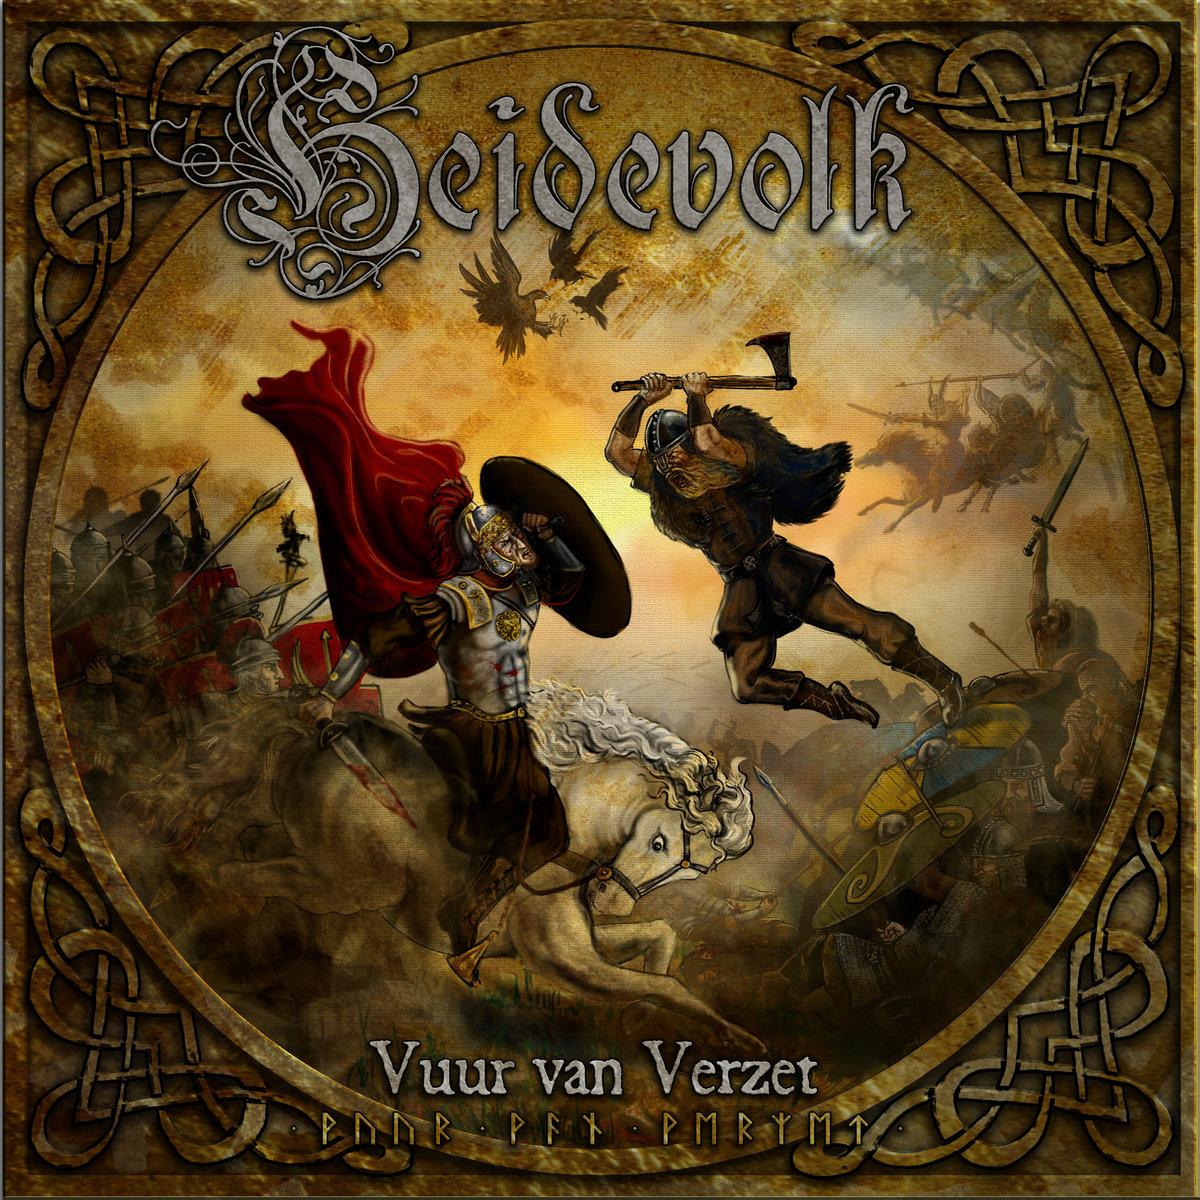 REVIEW: Heidevolk's Vuur Van Verzet